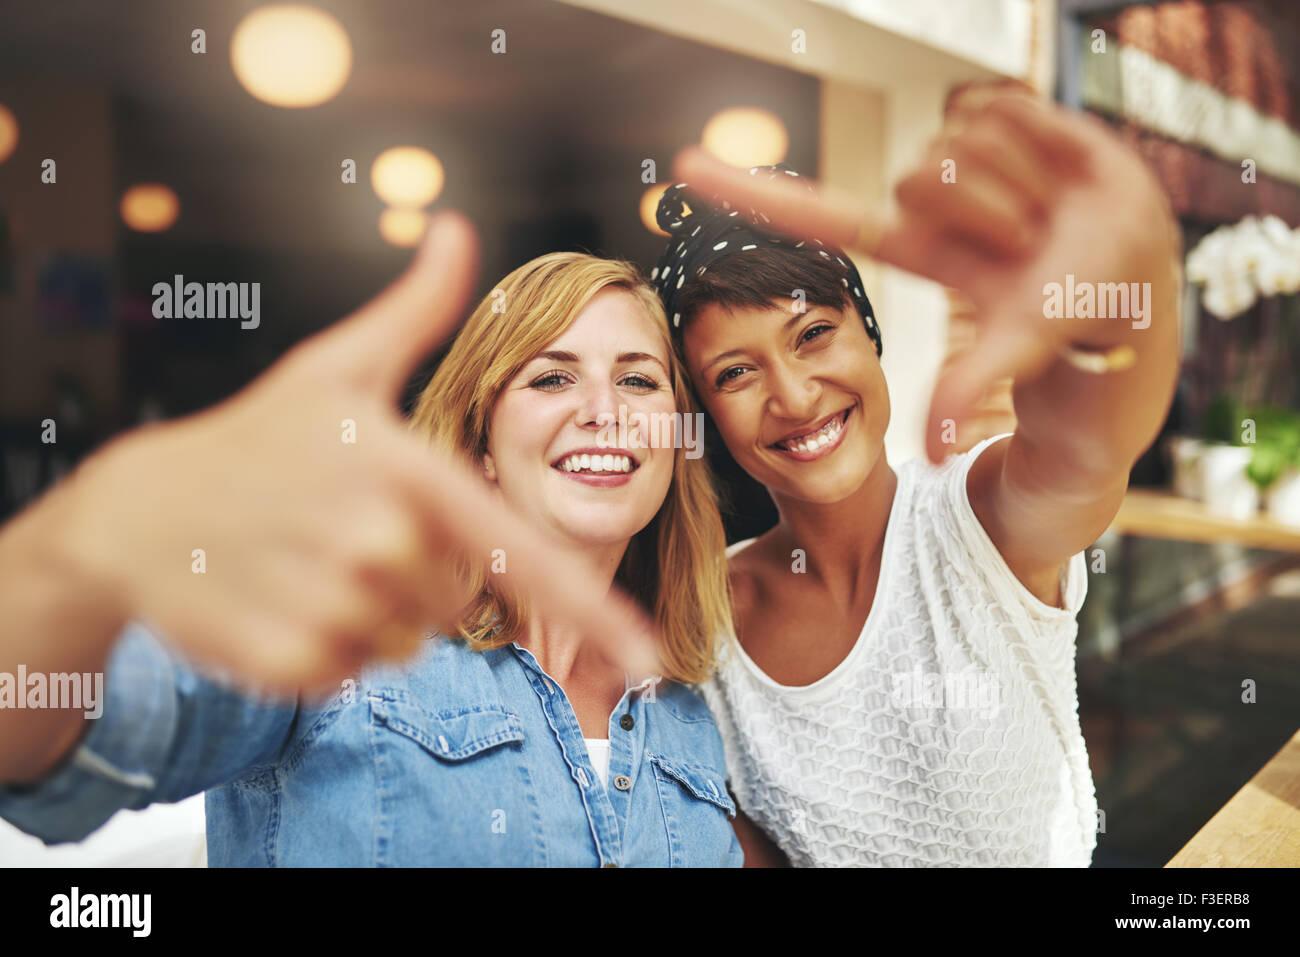 Las mujeres jóvenes vivaces enmarcar sus rostros con un dedo el ...